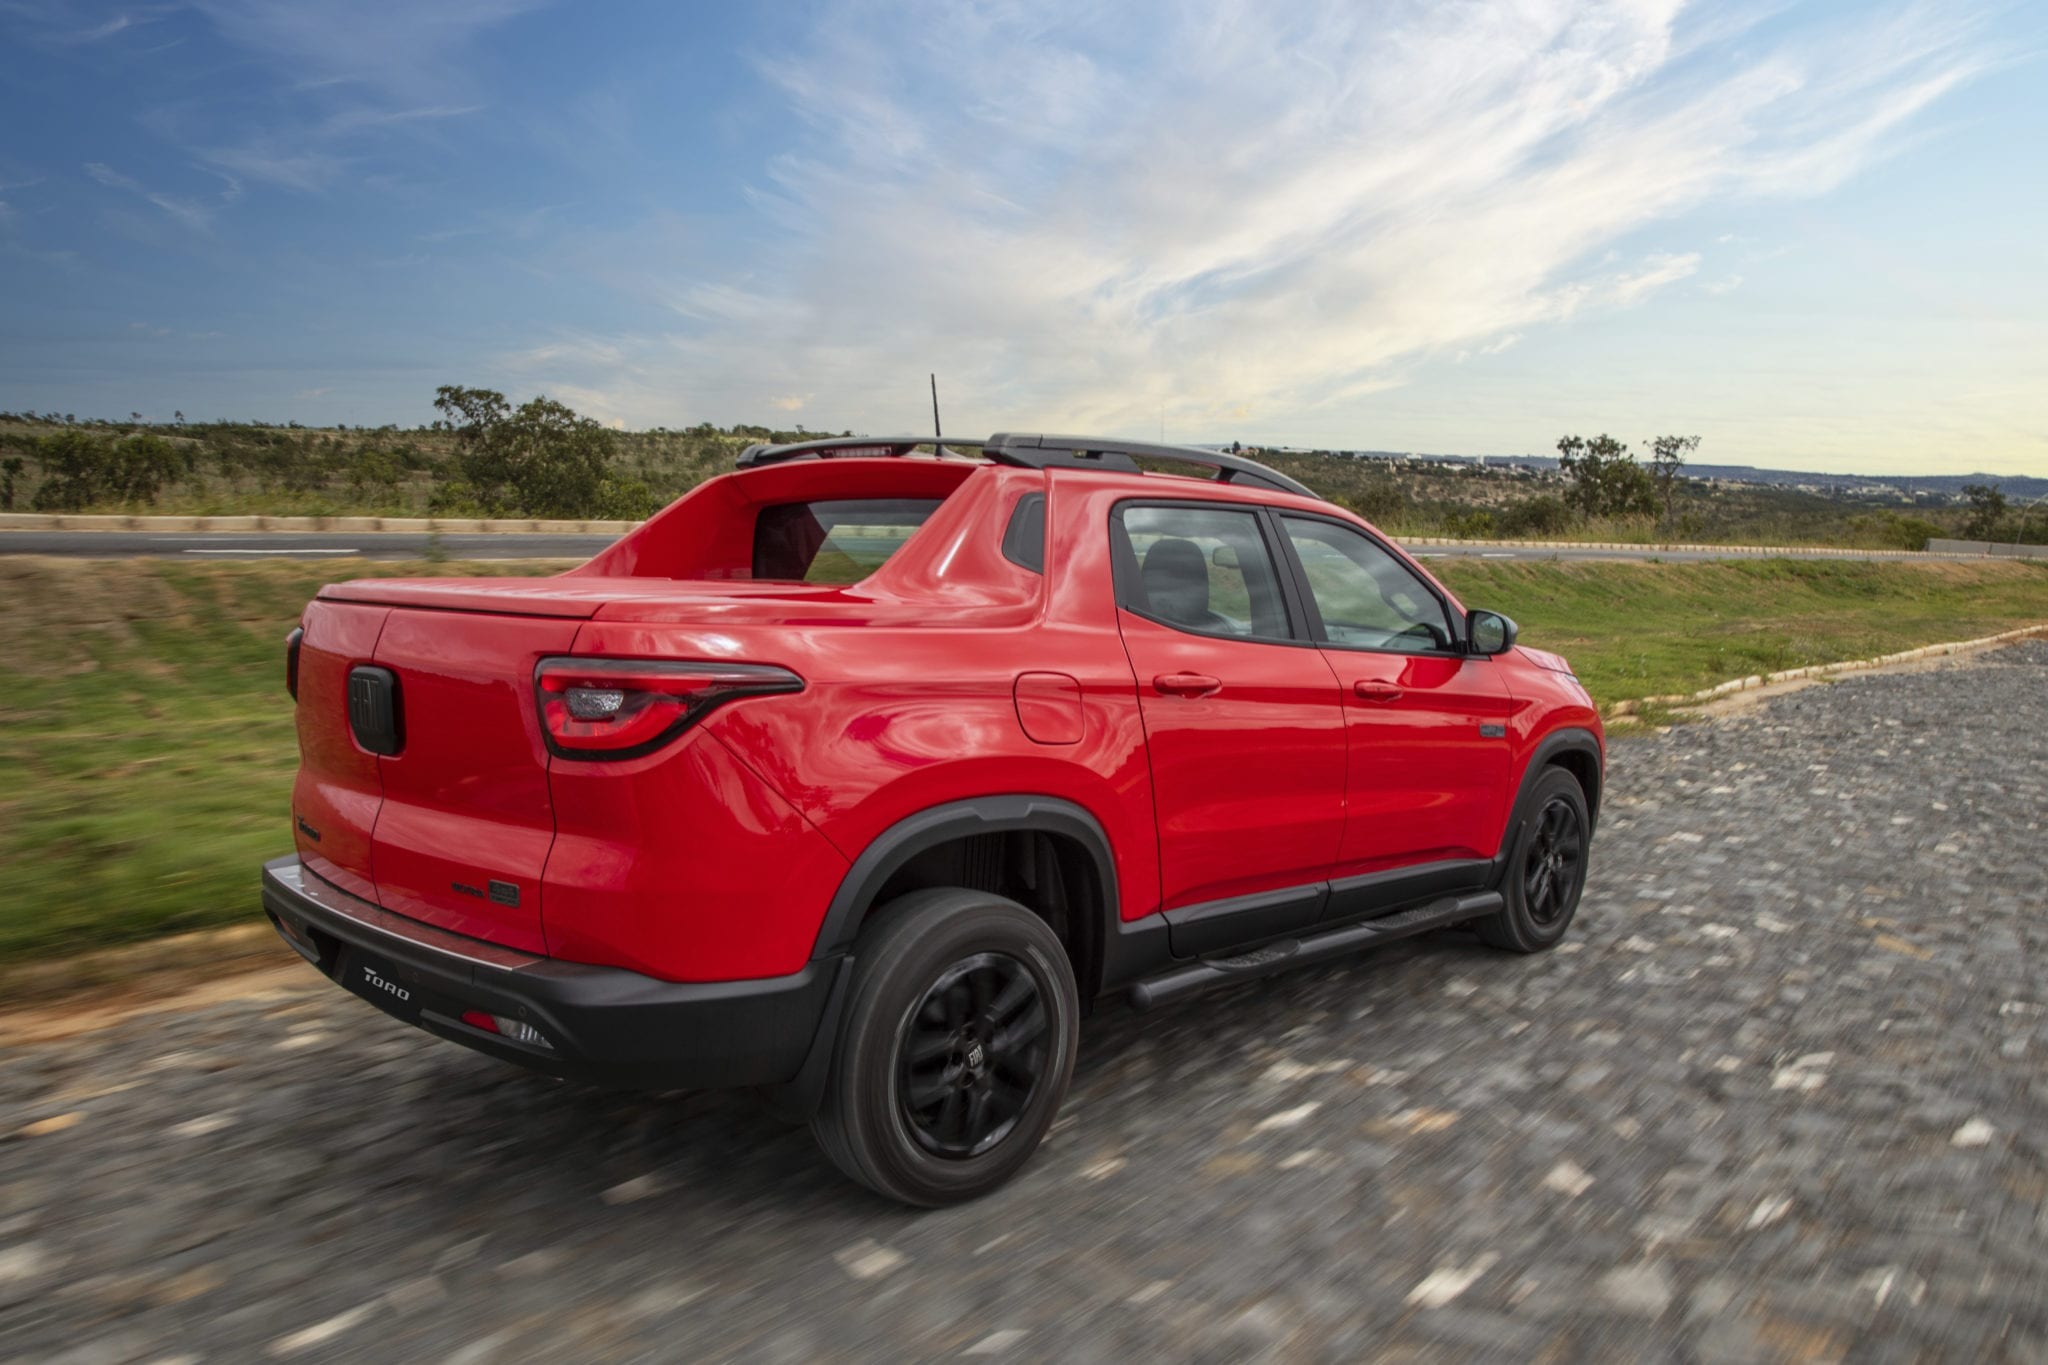 Proteja a sua nova Fiat Toro 2022 com o Seguro Auto da Carboni Corretora